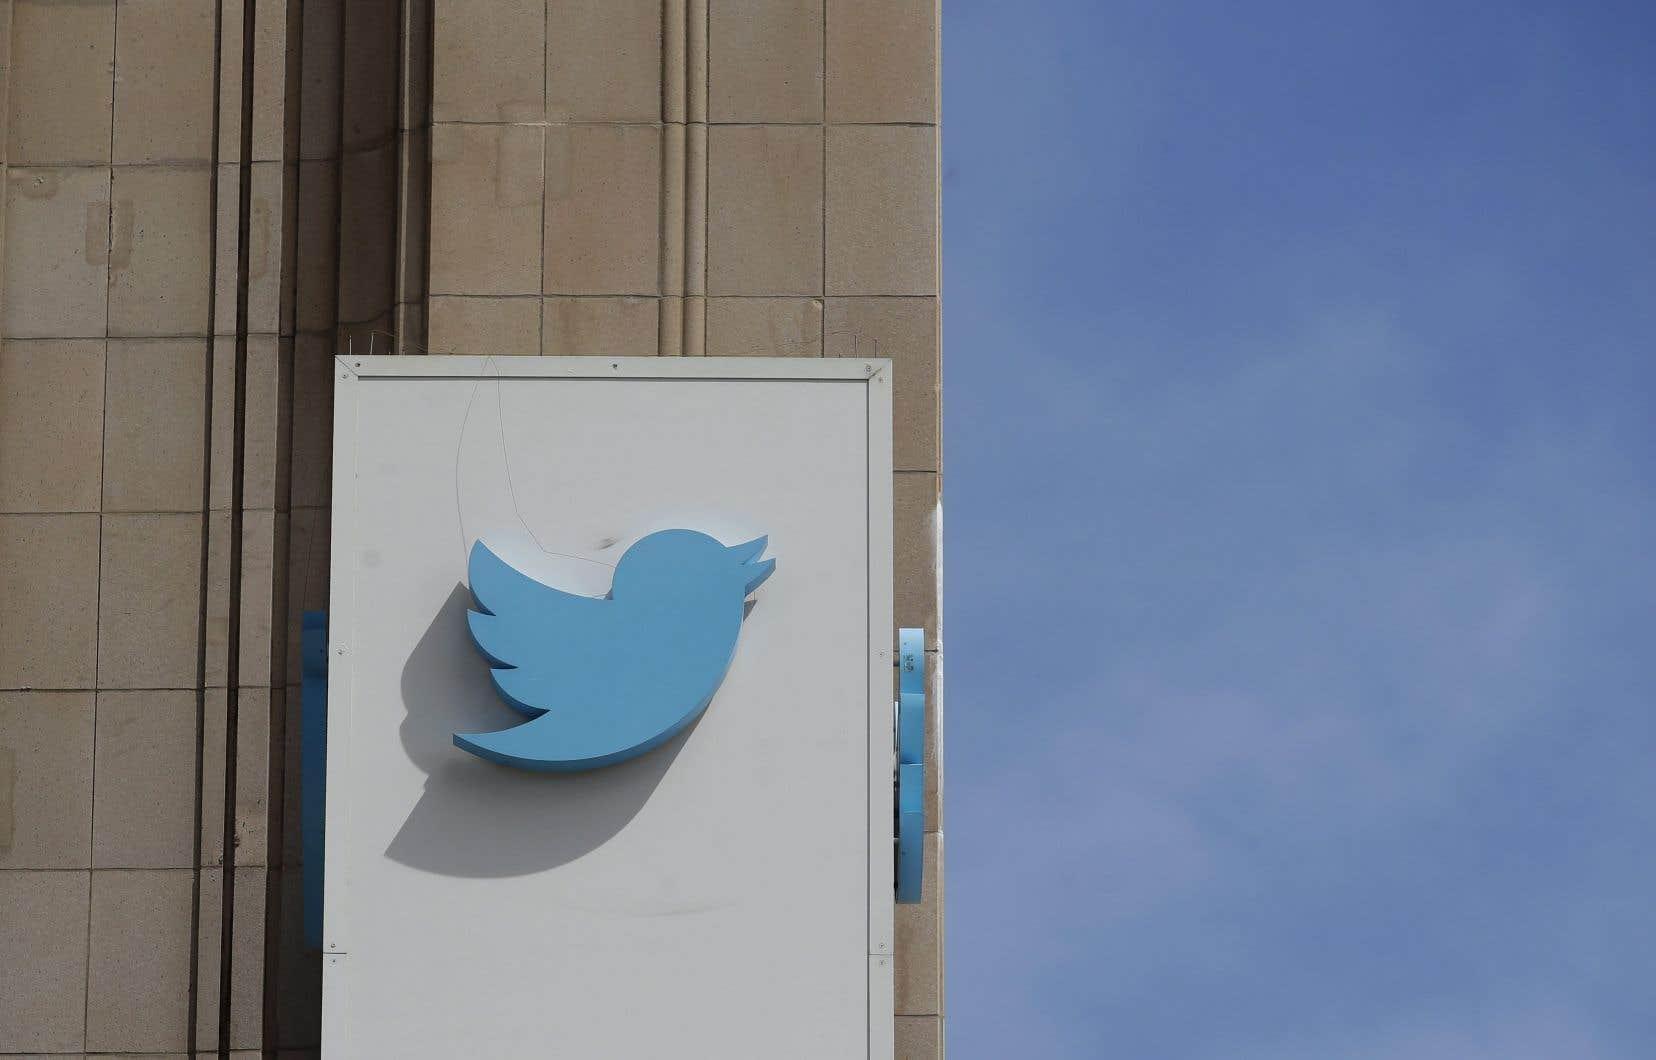 Twitter, qui présente ses excuses aux utilisateurs concernés, assure mettre en place les «étapes nécessaires pour [s']assurer que cela ne se reproduira plus».